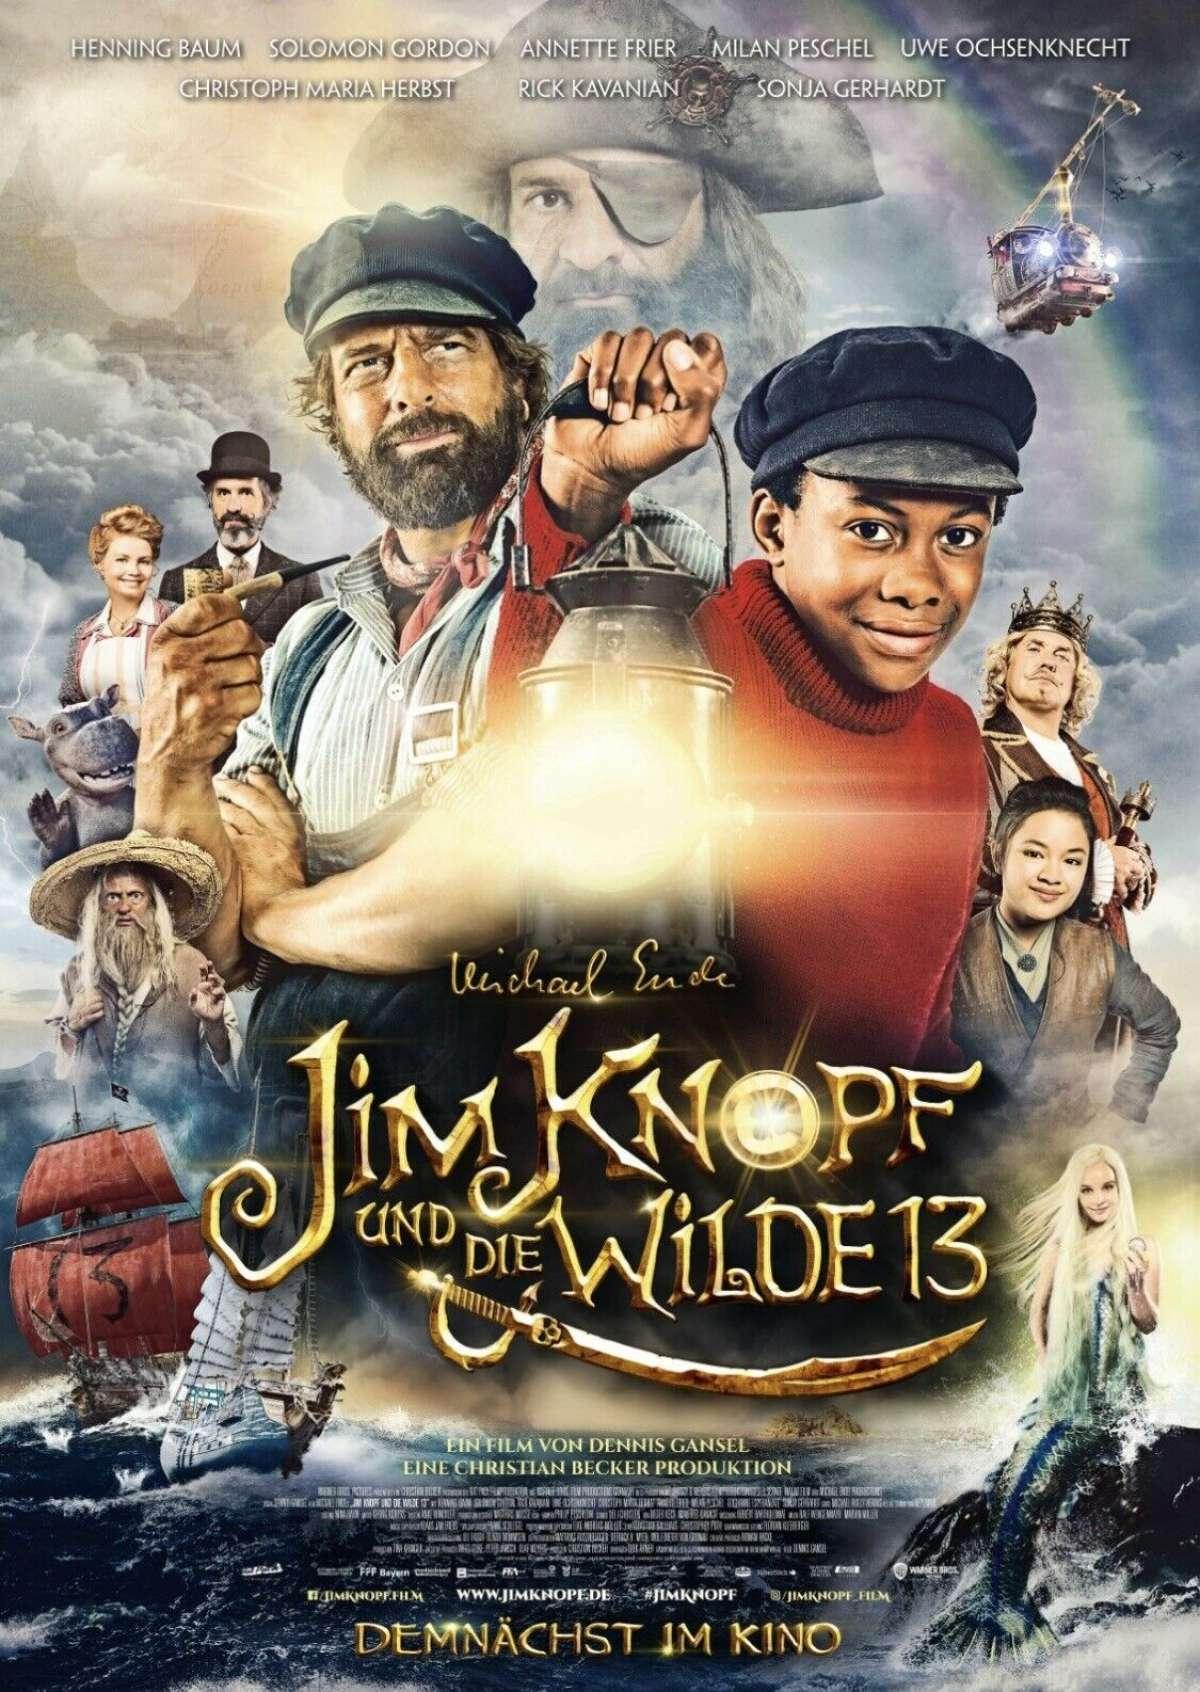 Jim Knopf und die Wilde 13 - Cineplex  - Kassel